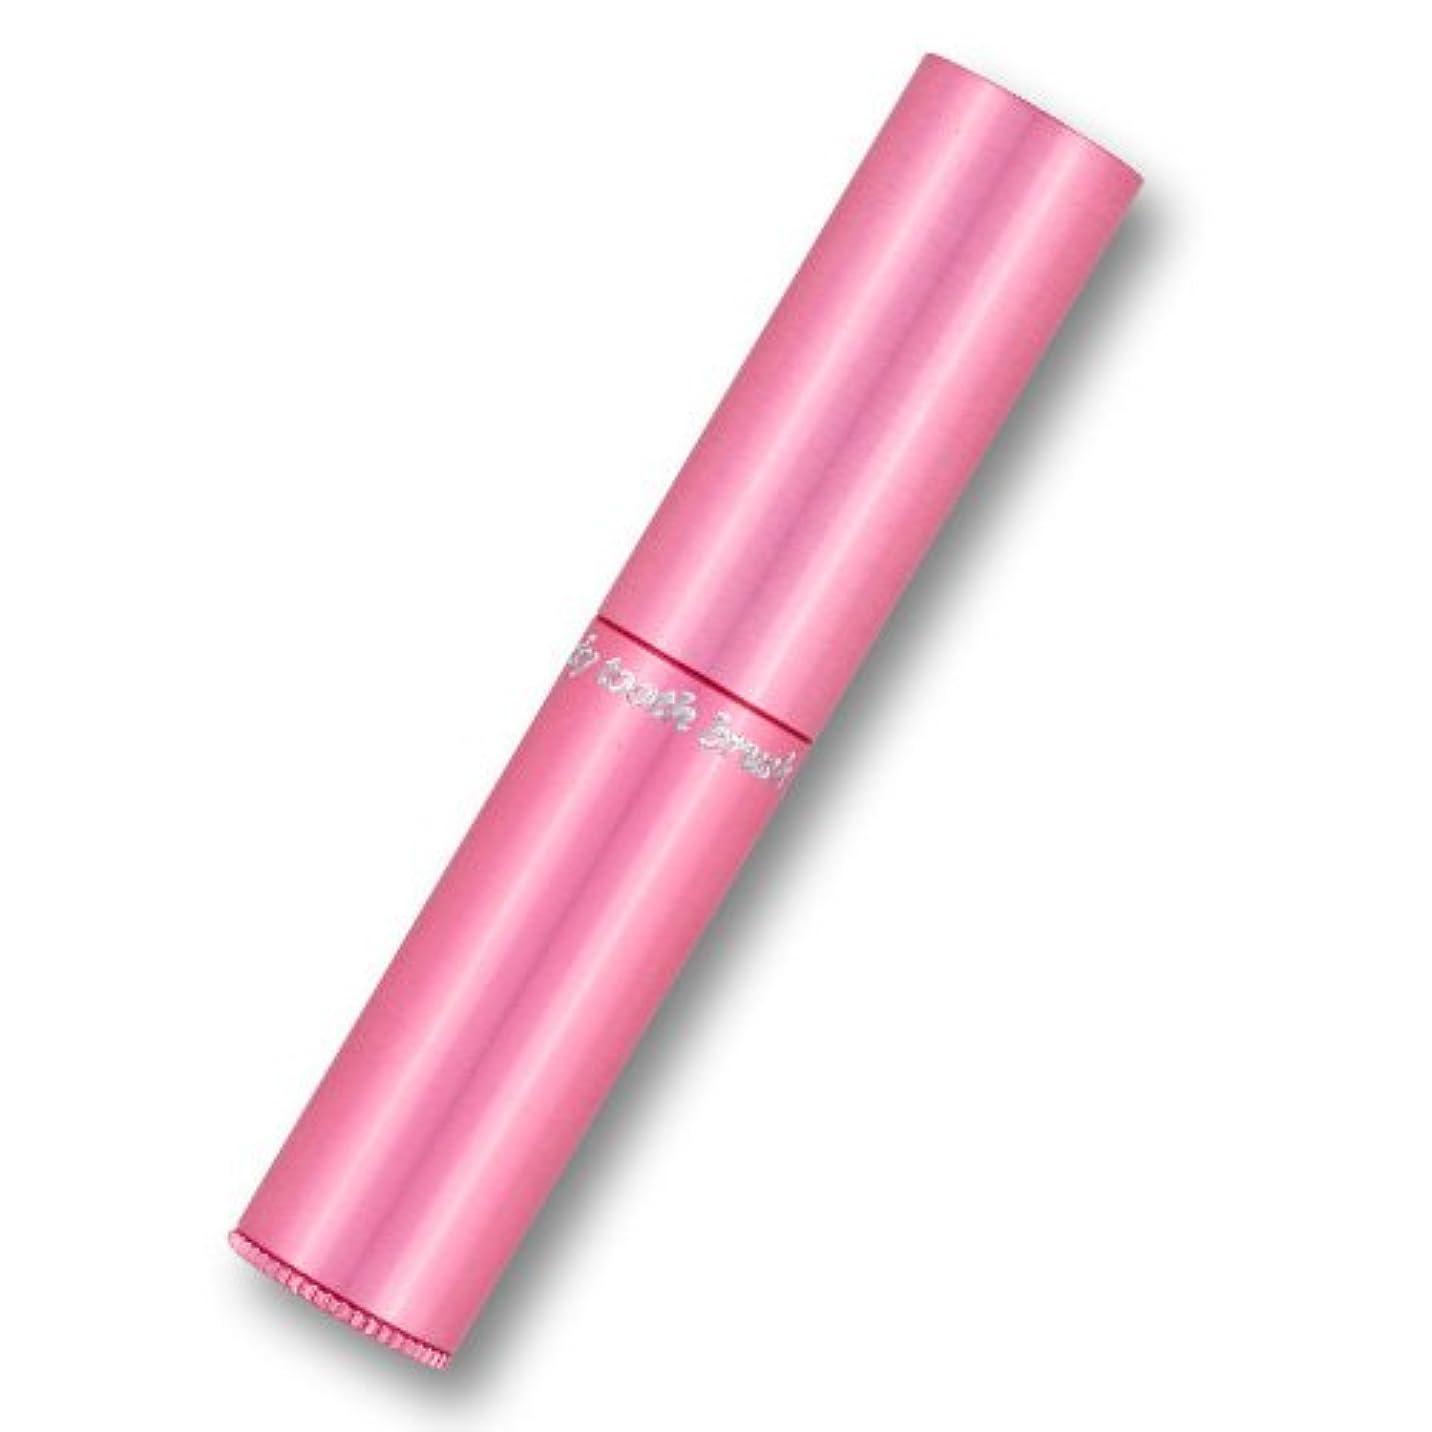 同情プラスチック学習携帯歯ブラシ?タベタラmigaCO(ピンク)